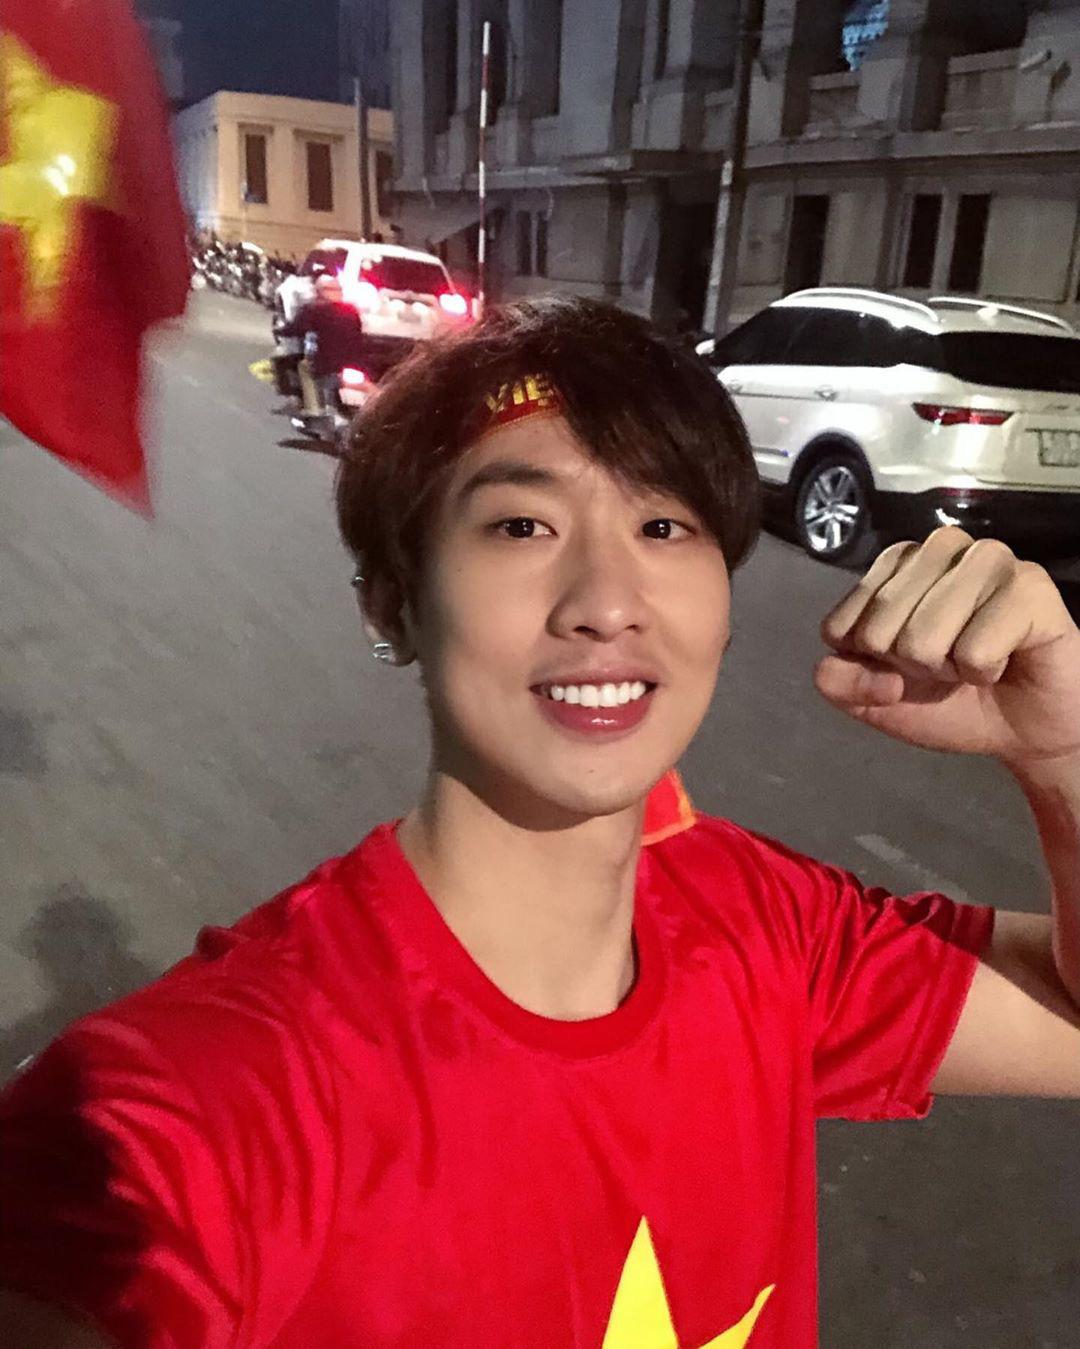 Cả dàn sao Việt nhuộm đỏ mạng xã hội khi cùng diện áo đỏ mừng chiến thắng của đội tuyển Việt Nam - Ảnh 7.